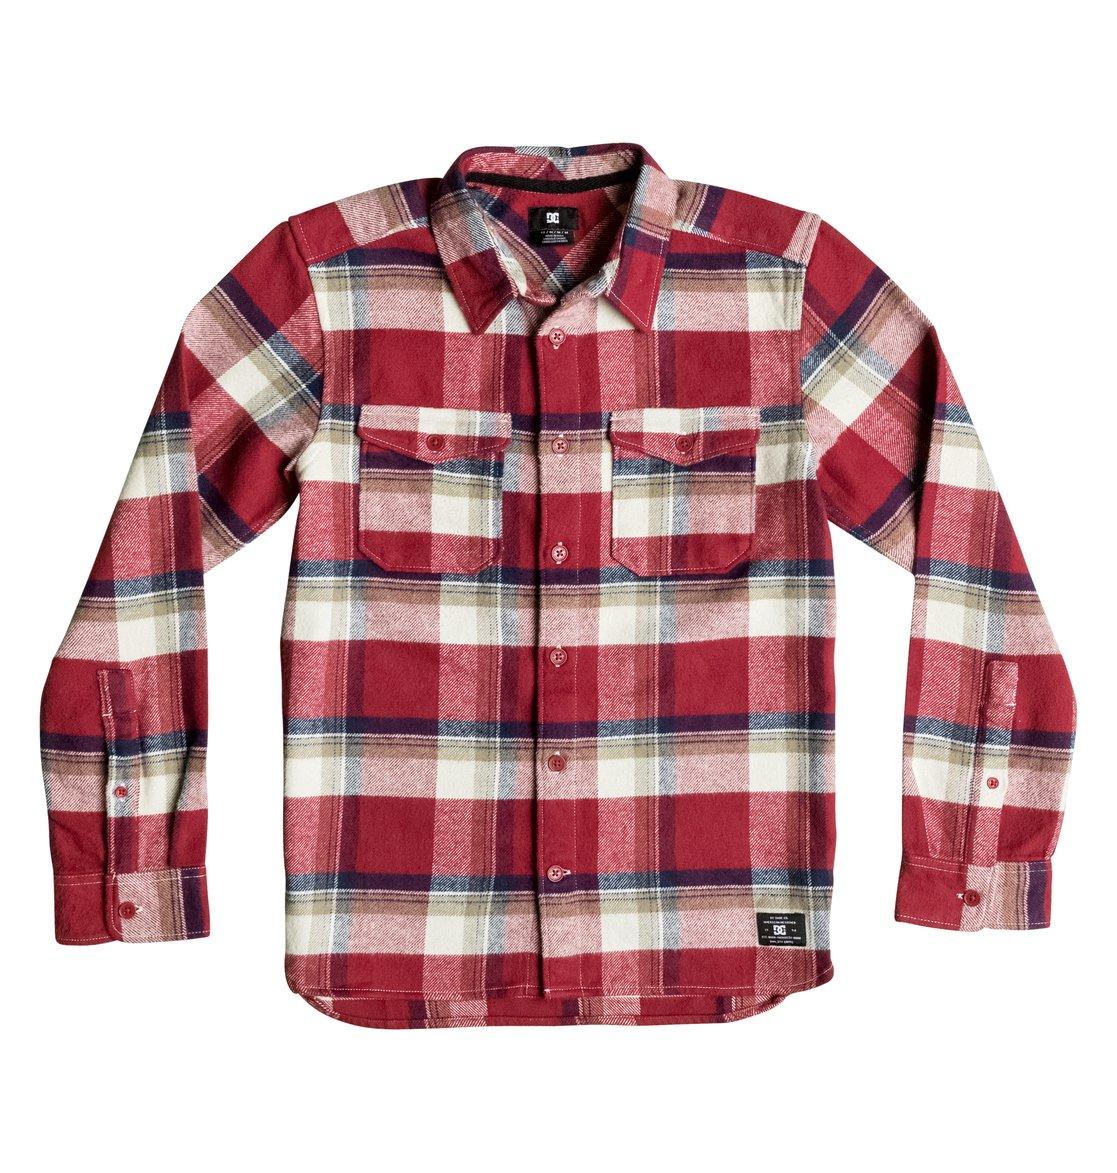 Рубашка Marsha Flannel с длинным рукавом рубашка в клетку детская dc marsha ls boy marsha chili pepper